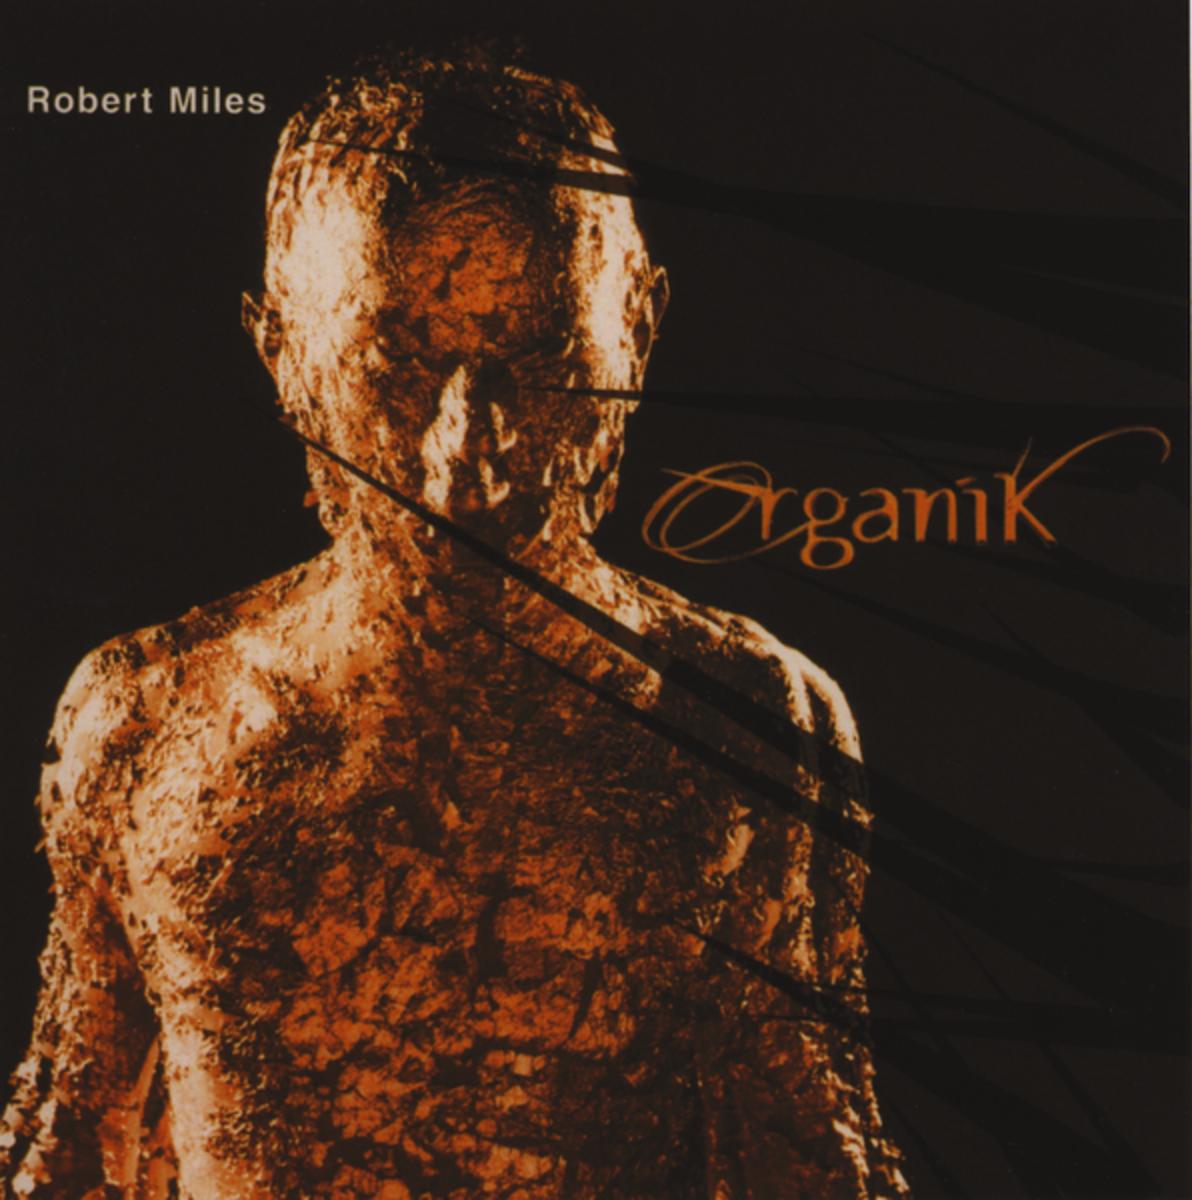 Robert Miles - Organik